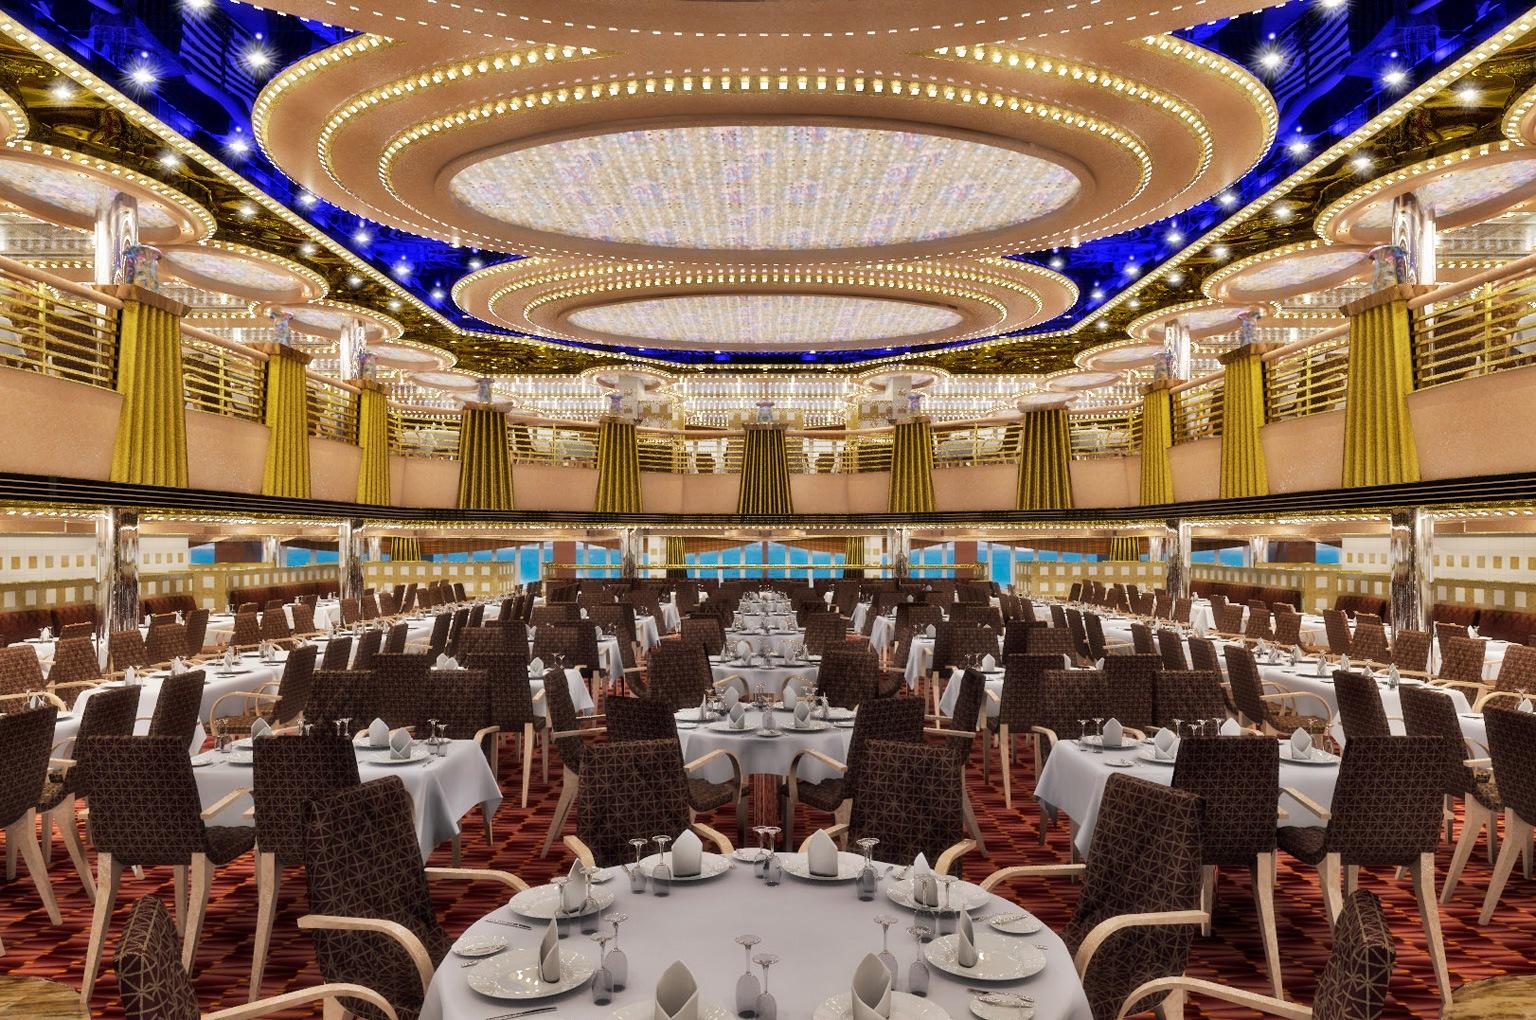 Costa Diadema Cruises 2019 2020 All Itineraries Amp Reviews